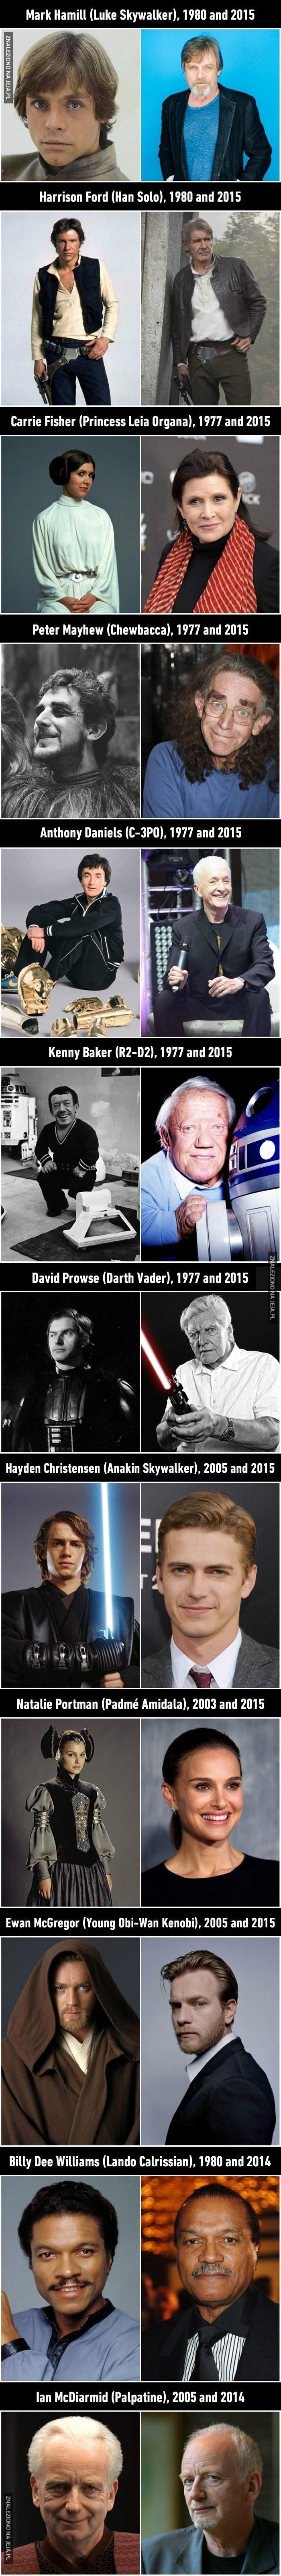 Bohaterowie z Gwiezdnych Wojen kiedyś i dziś